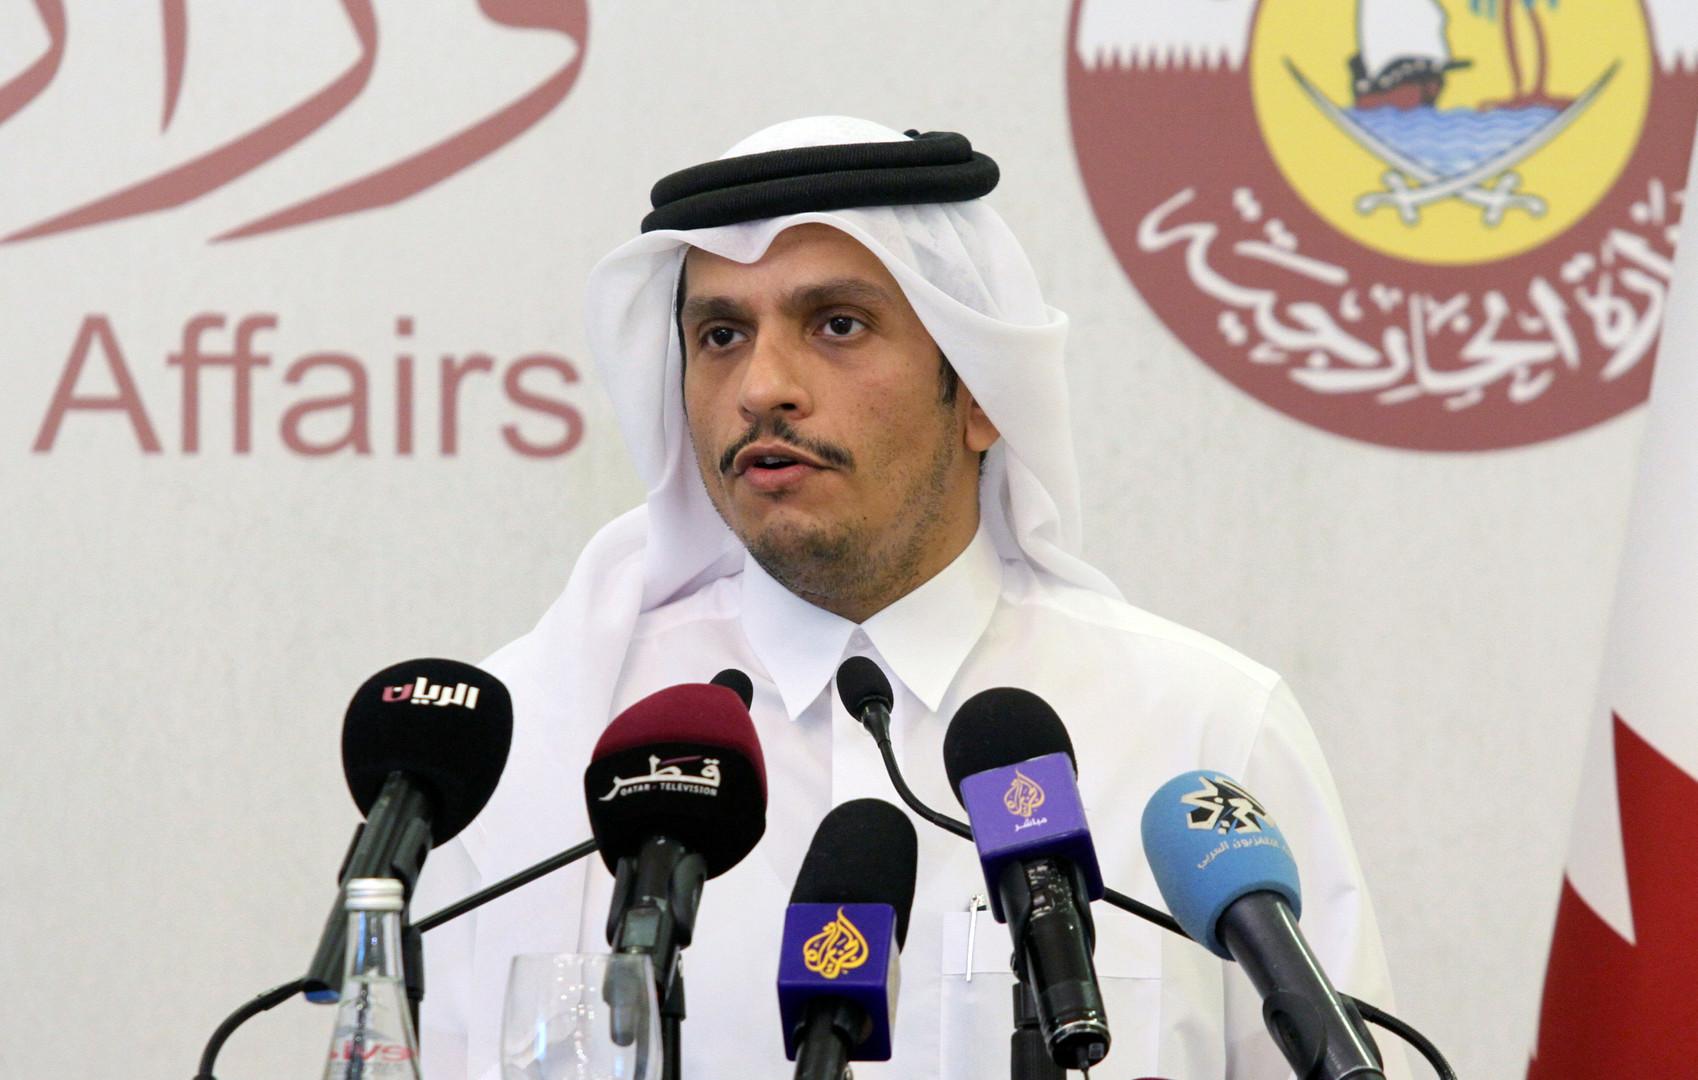 في الذكرى الثانية لشرارة الأزمة الخليجية.. الدوحة تتحدث عن خطيئة وطعنة الظهر